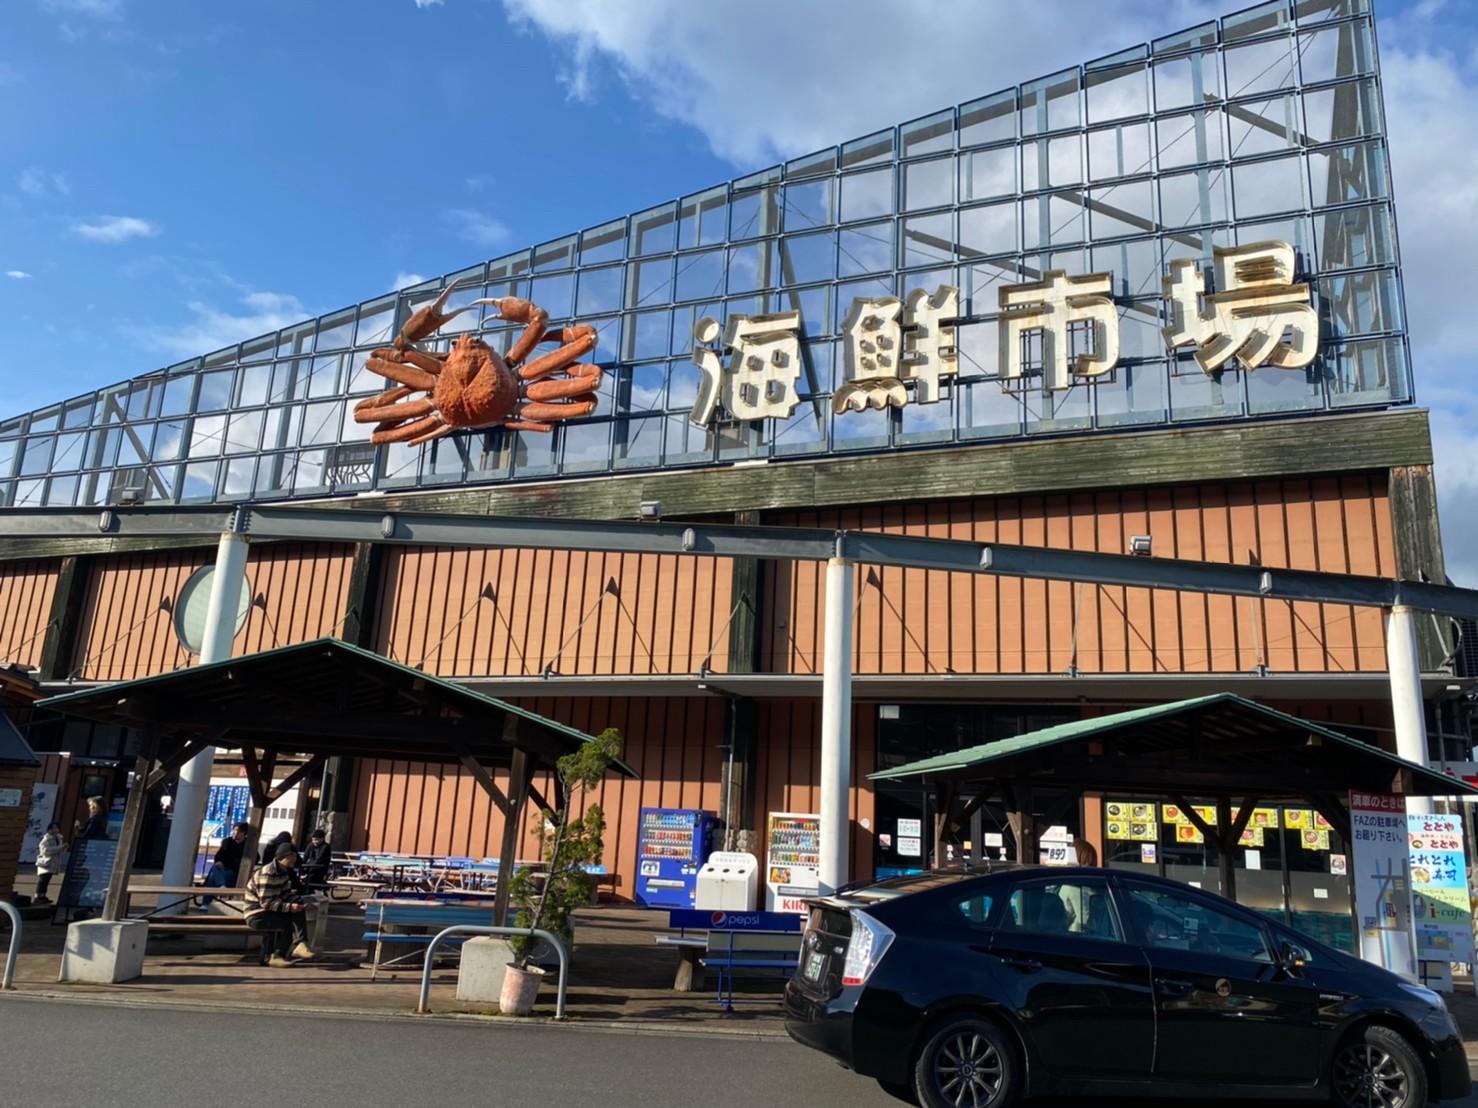 舞鶴港Toretore中心(舞鶴海鮮市場)